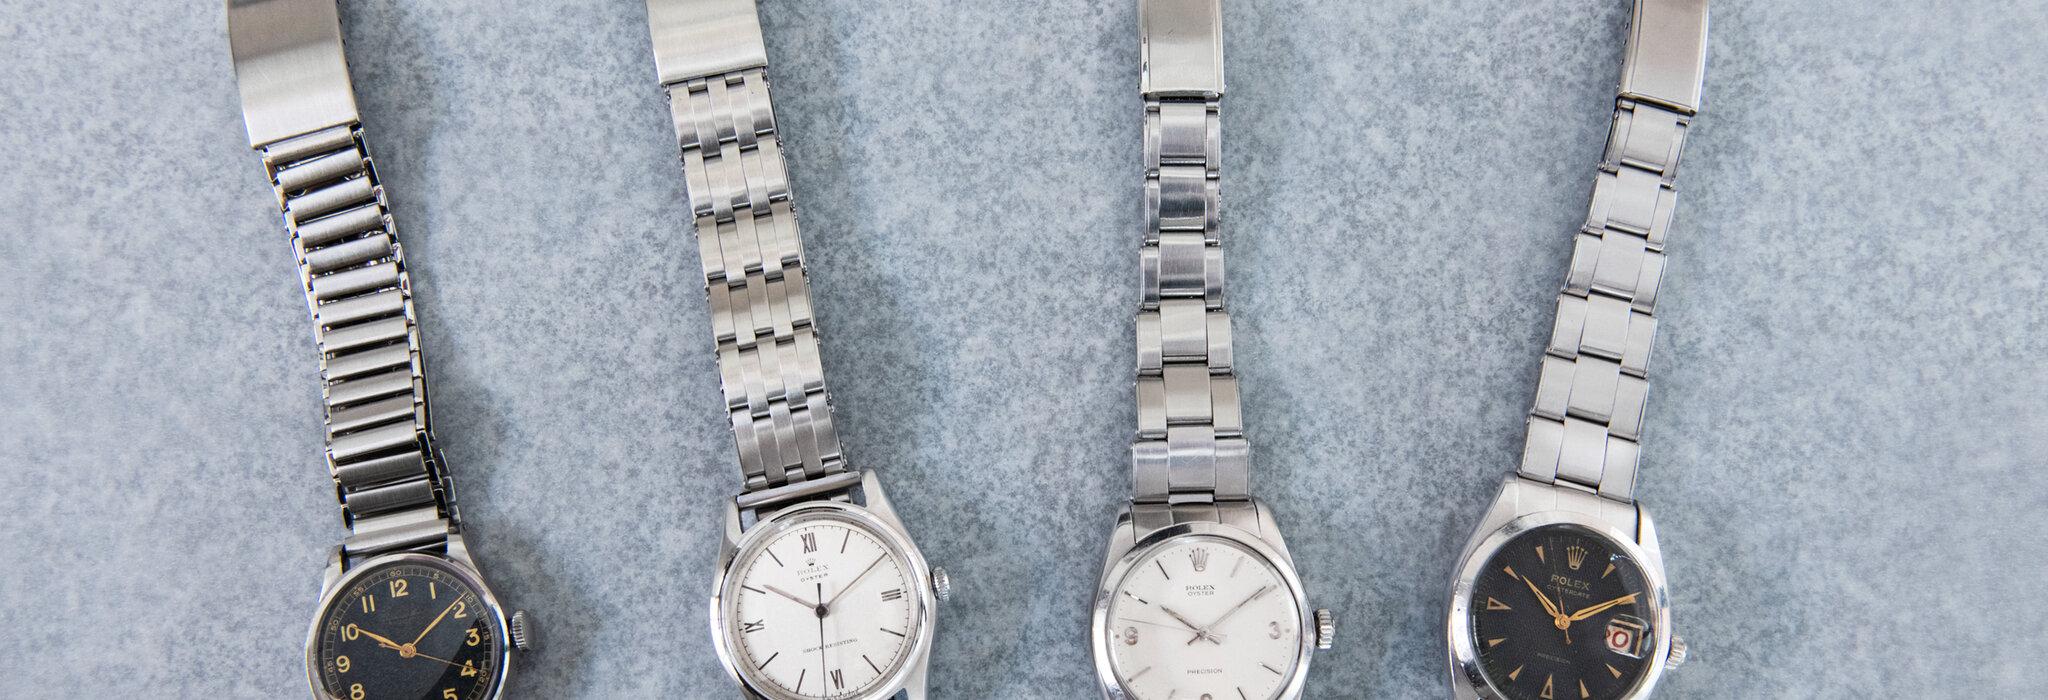 対談「ヴィンテージウォッチに合わせるベルト」ブレスレットは時計と年式を合わせて楽しむ!_image